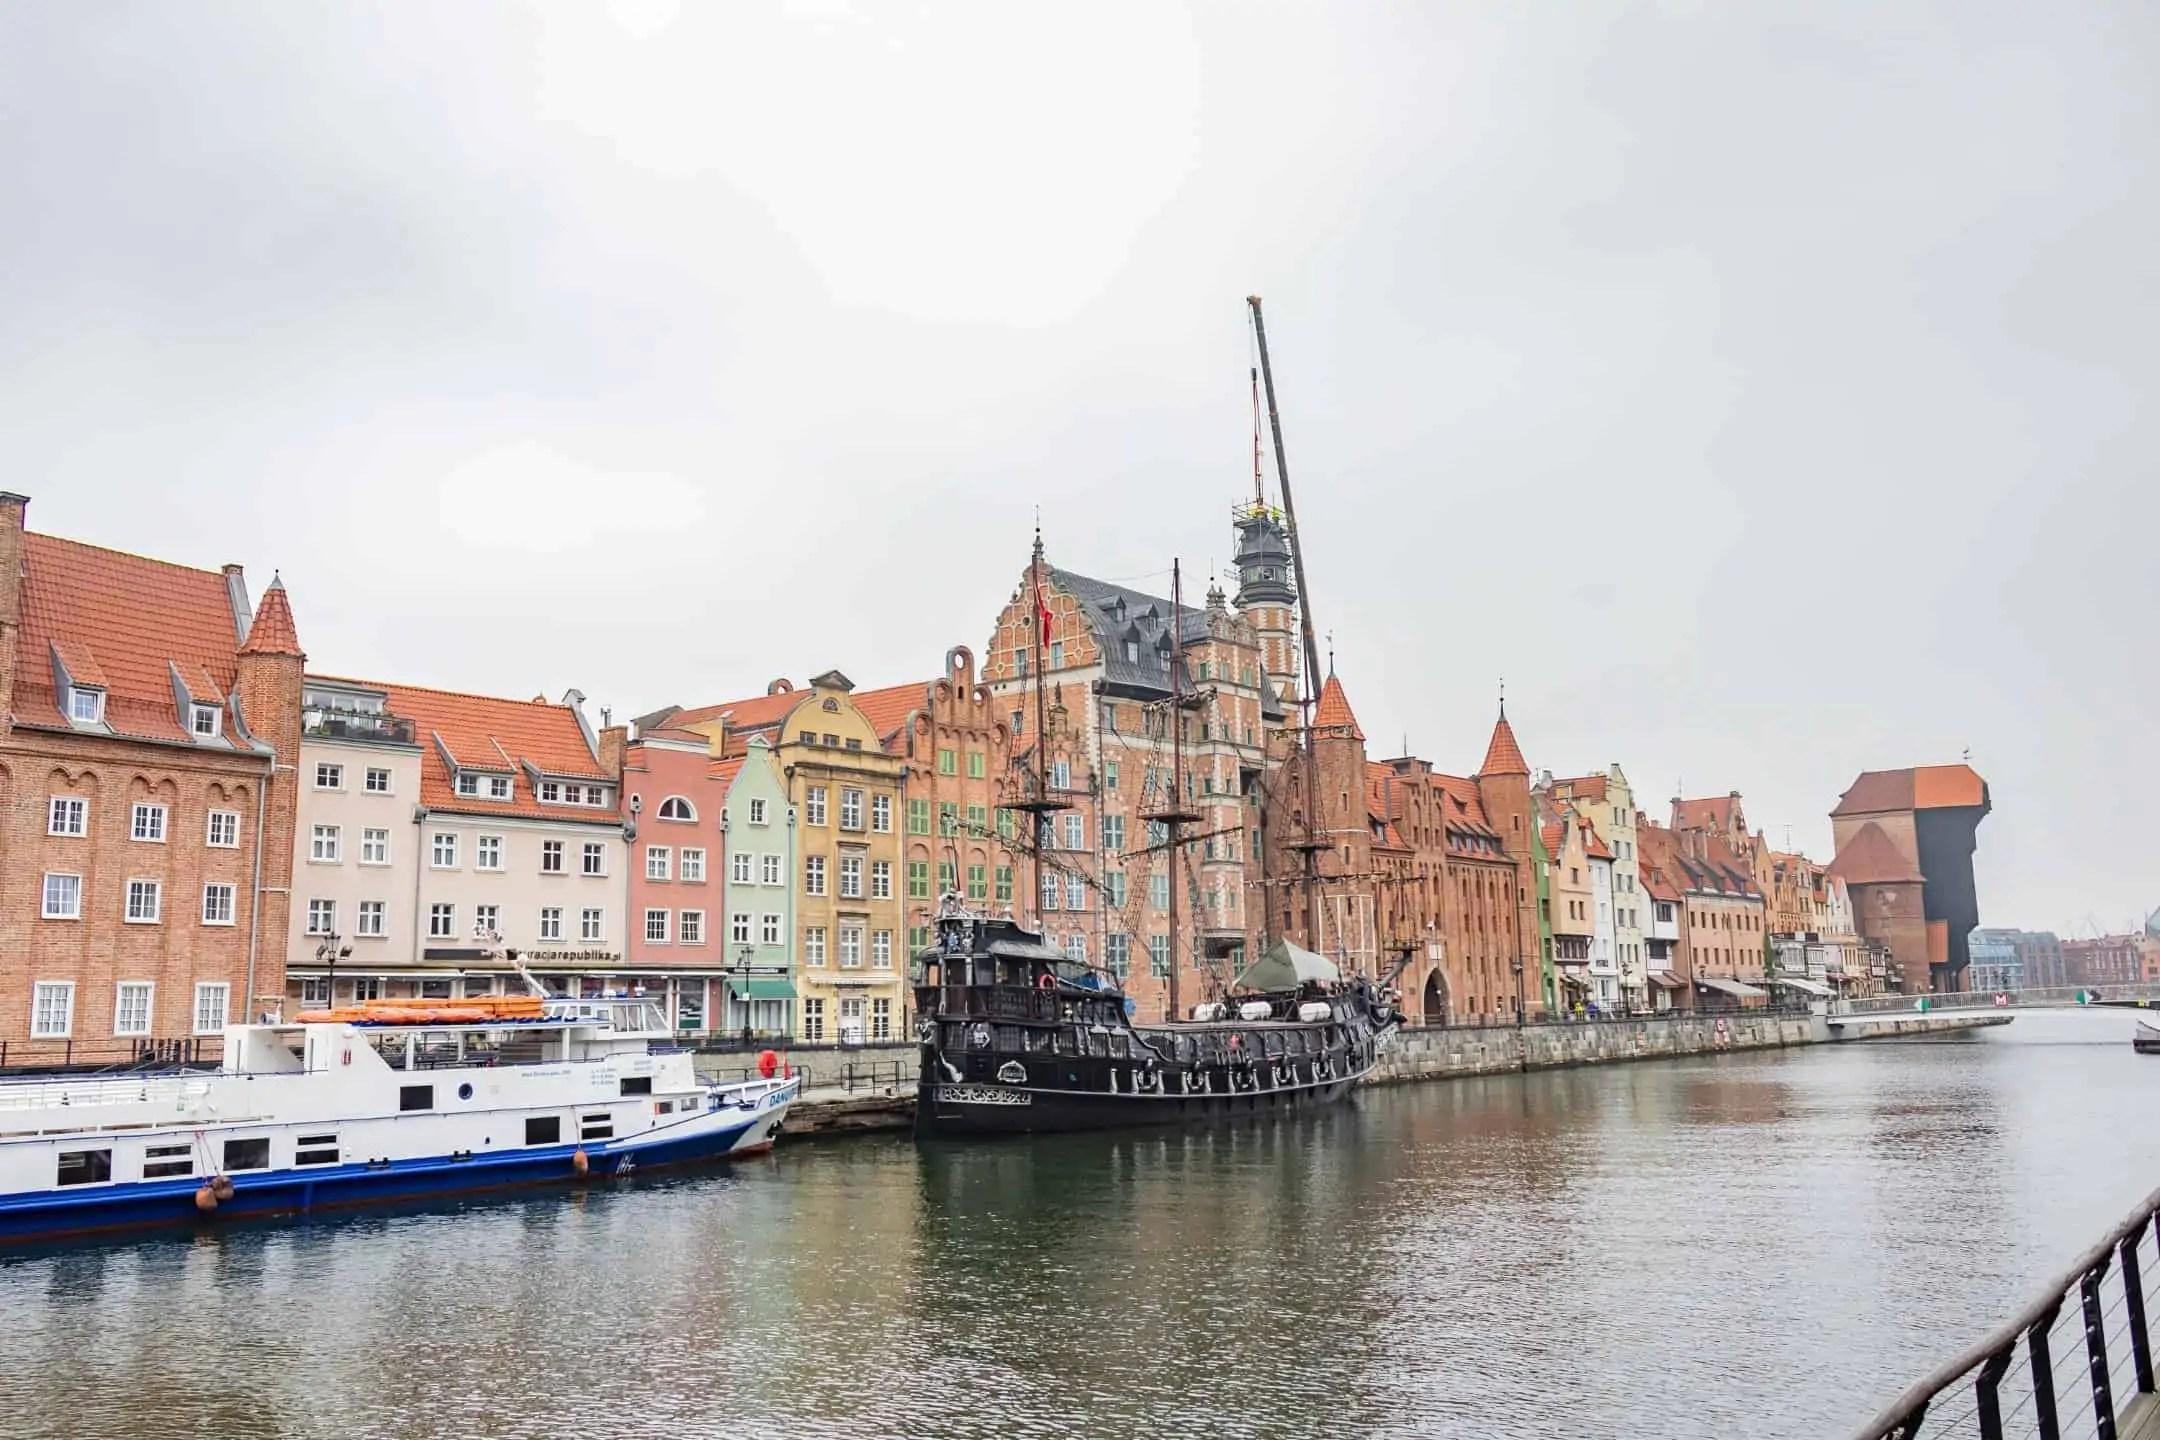 Fototeka Gdanska Motlawa nadbrzeze - Zdjęcia starego Gdańska. Kompozycja w 5 prostych krokach !